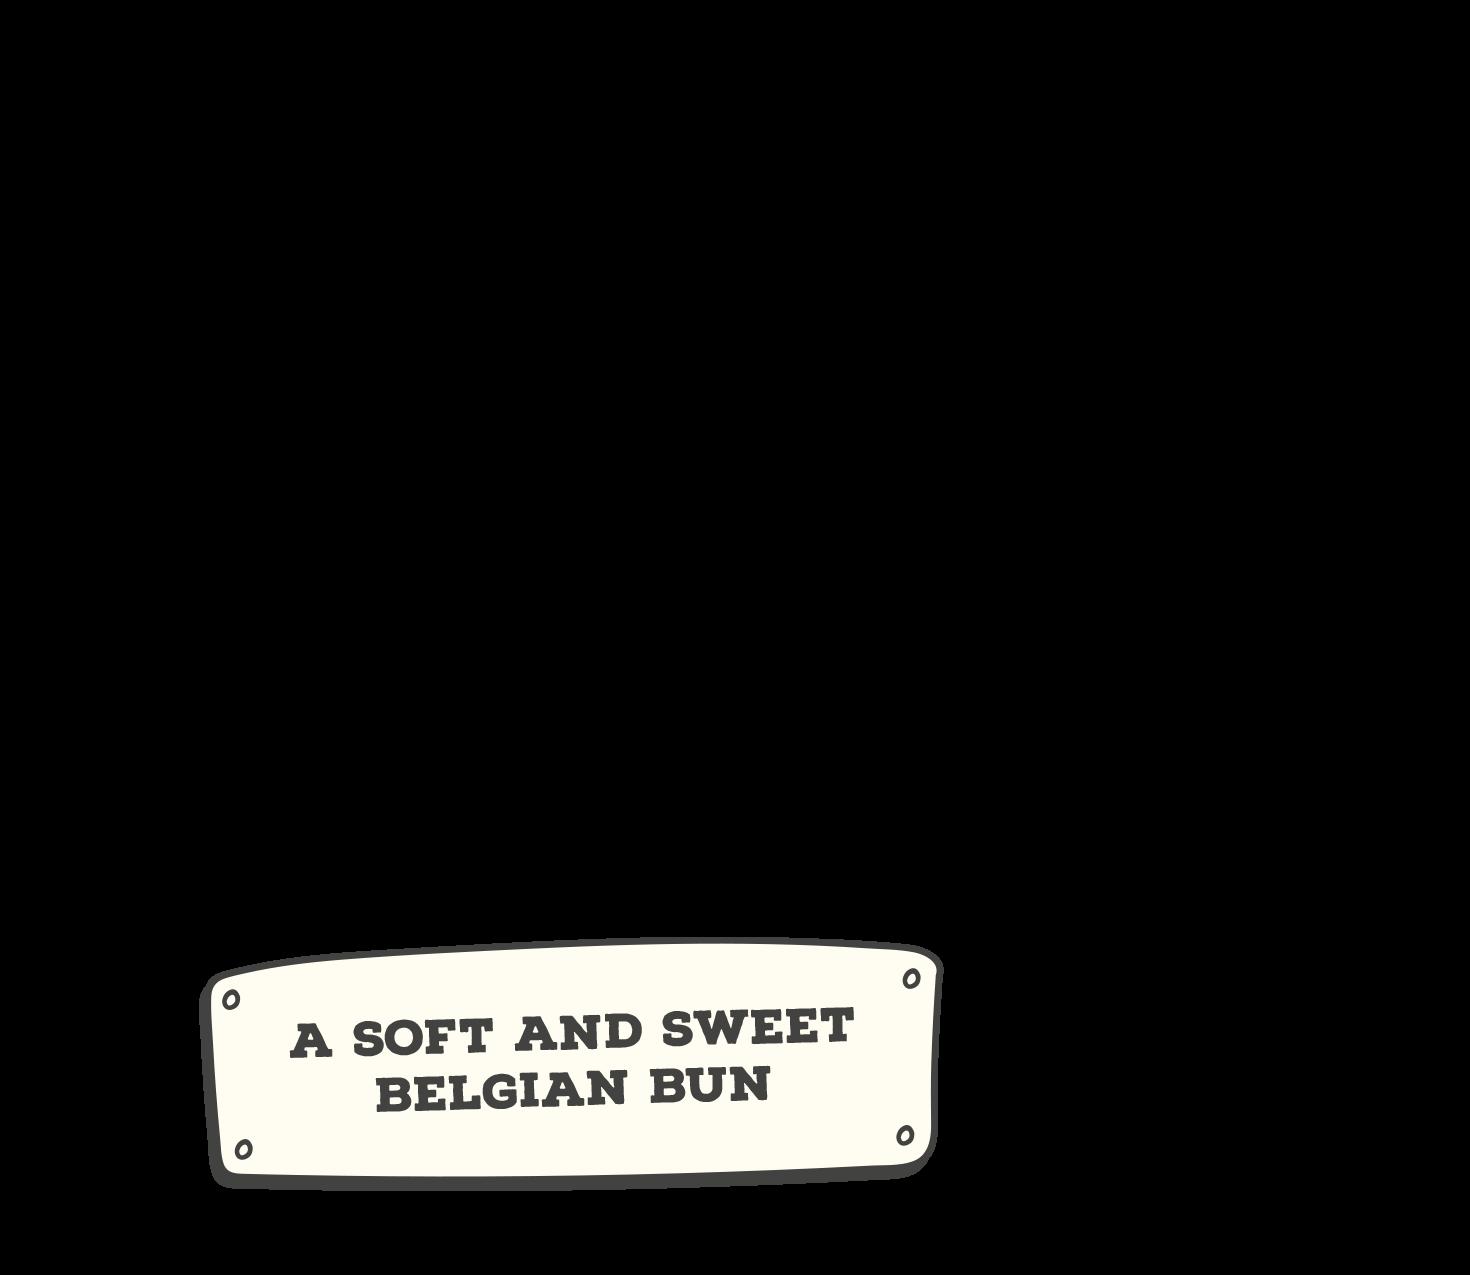 A soft and sweet Belgian Bun